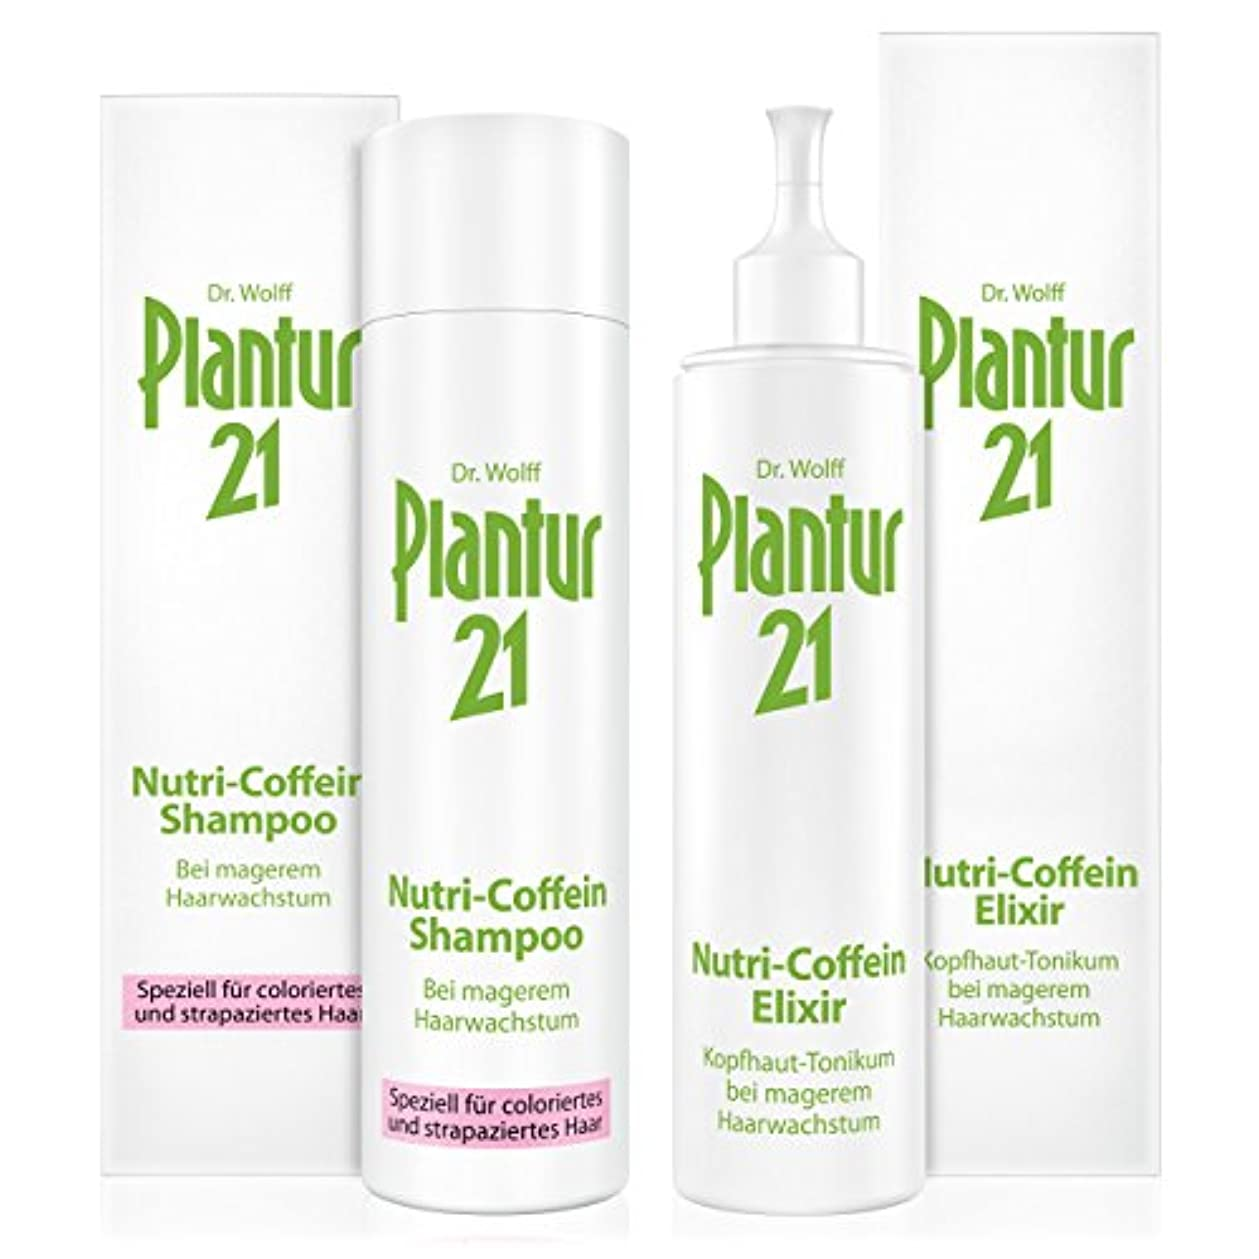 舌孤独な贅沢なDr Wolff Plantur 21 Nutri-Caffeine Combo Pack (Plantur 21 Shampoo and Elixir Set)